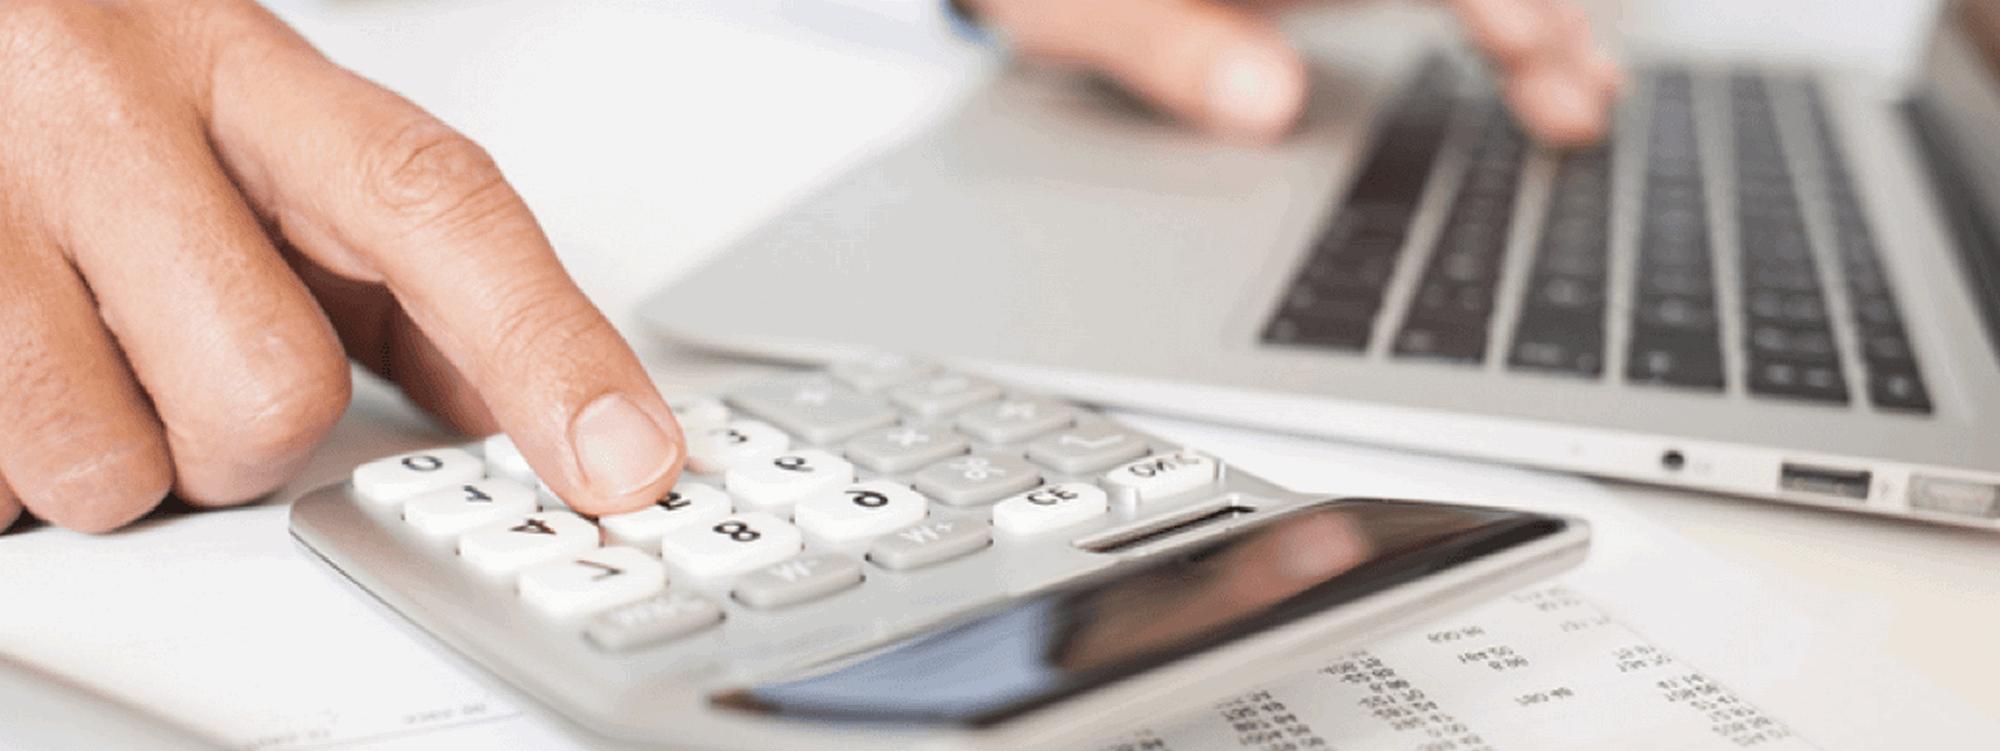 Виза в Кувейт в 2021 году: документы, особенности и сроки